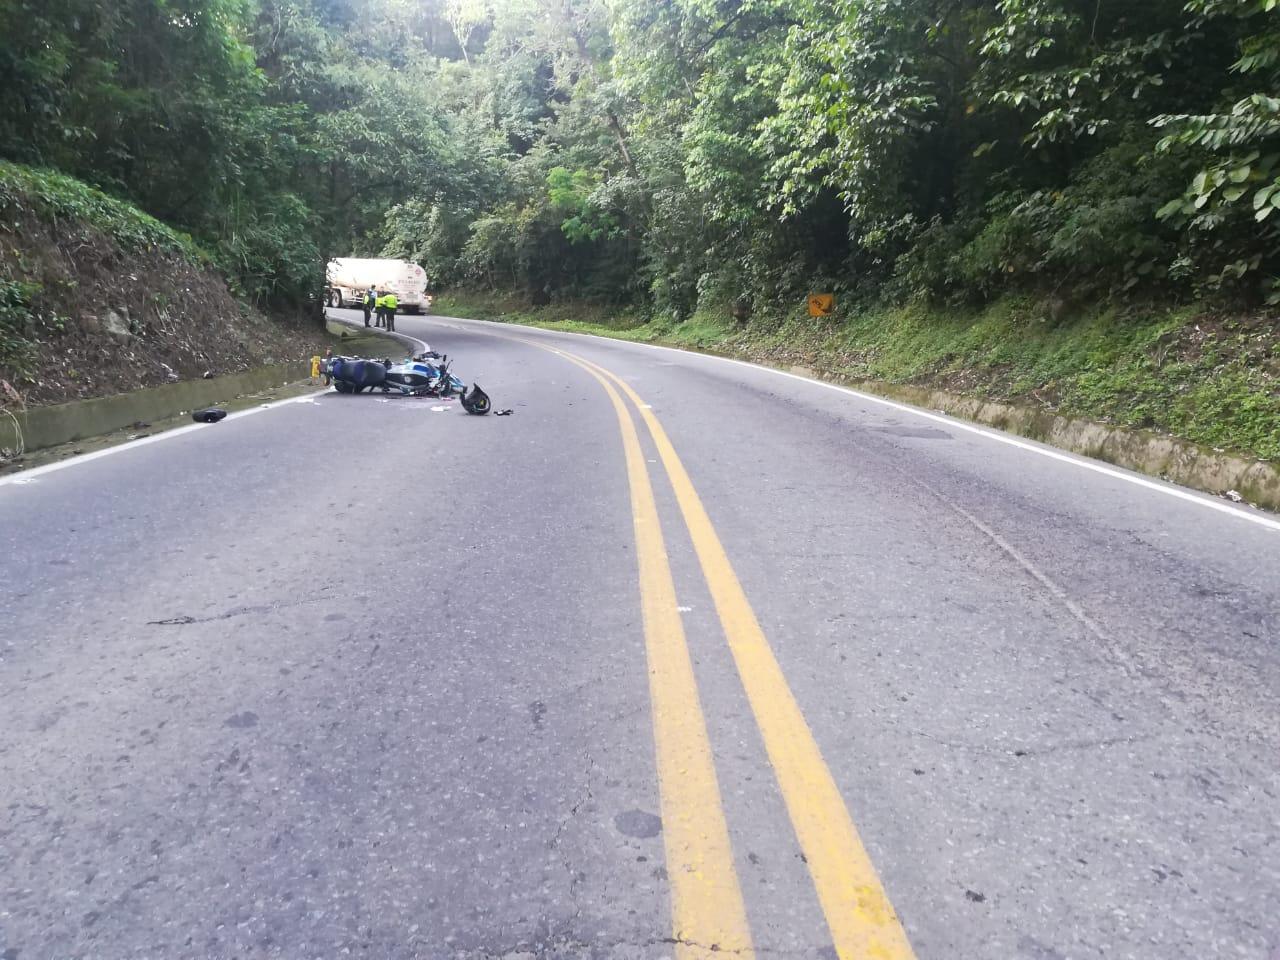 Dos lesionados en accidente de moto con tracto camión  en Yopal sector La Cabuya